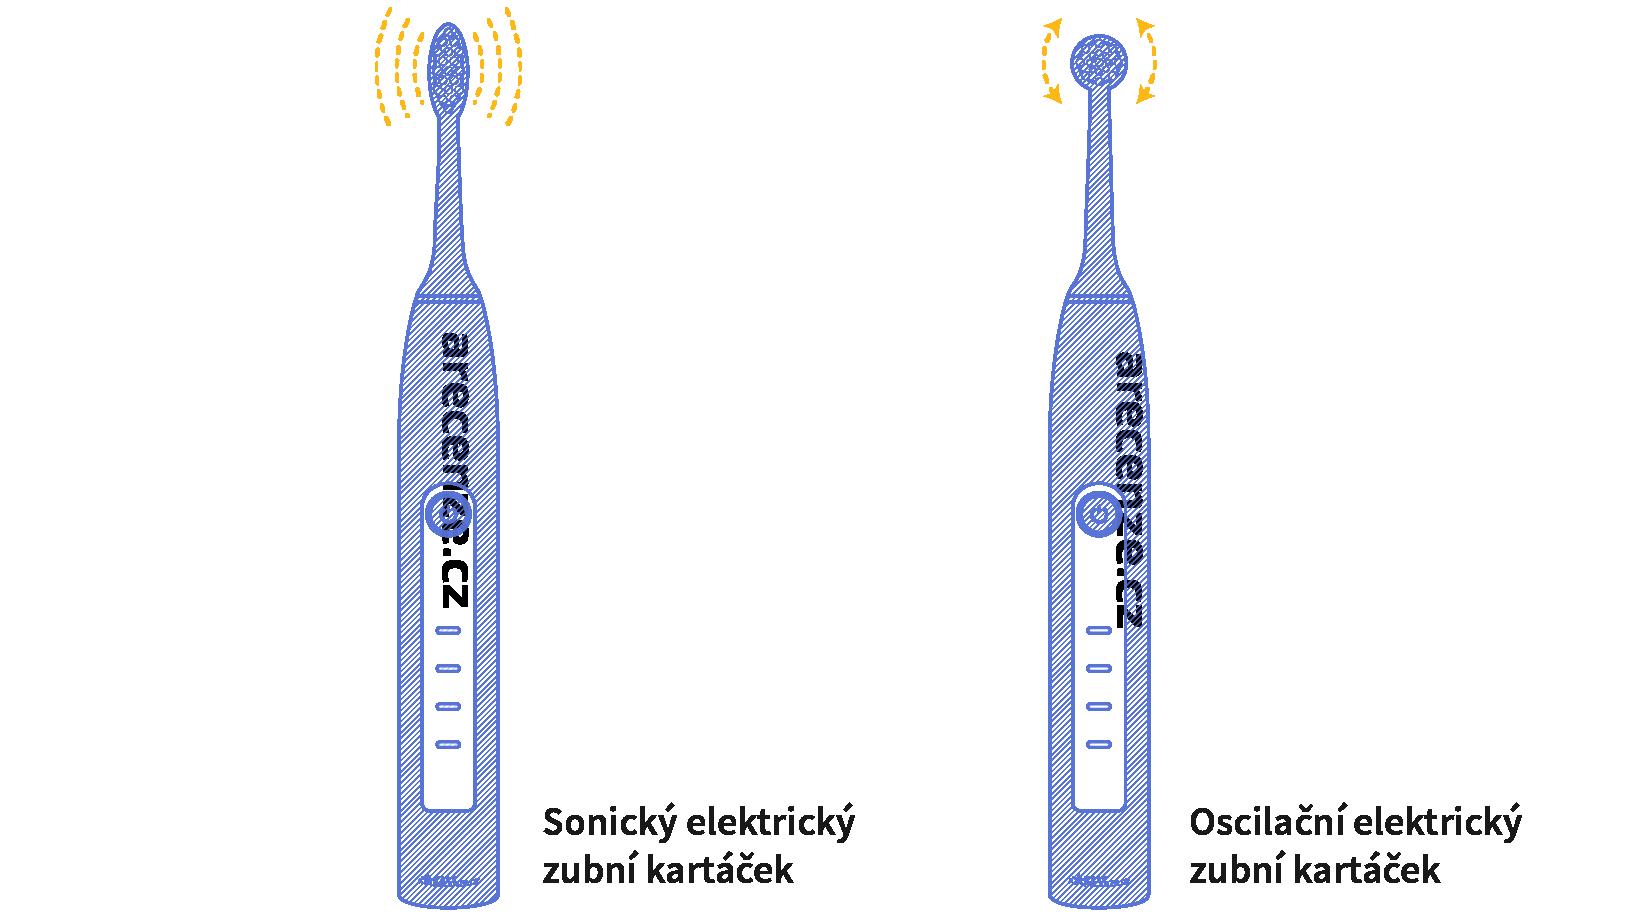 Rozdiel medzi oscilačným a sonickými zubnou kefkou